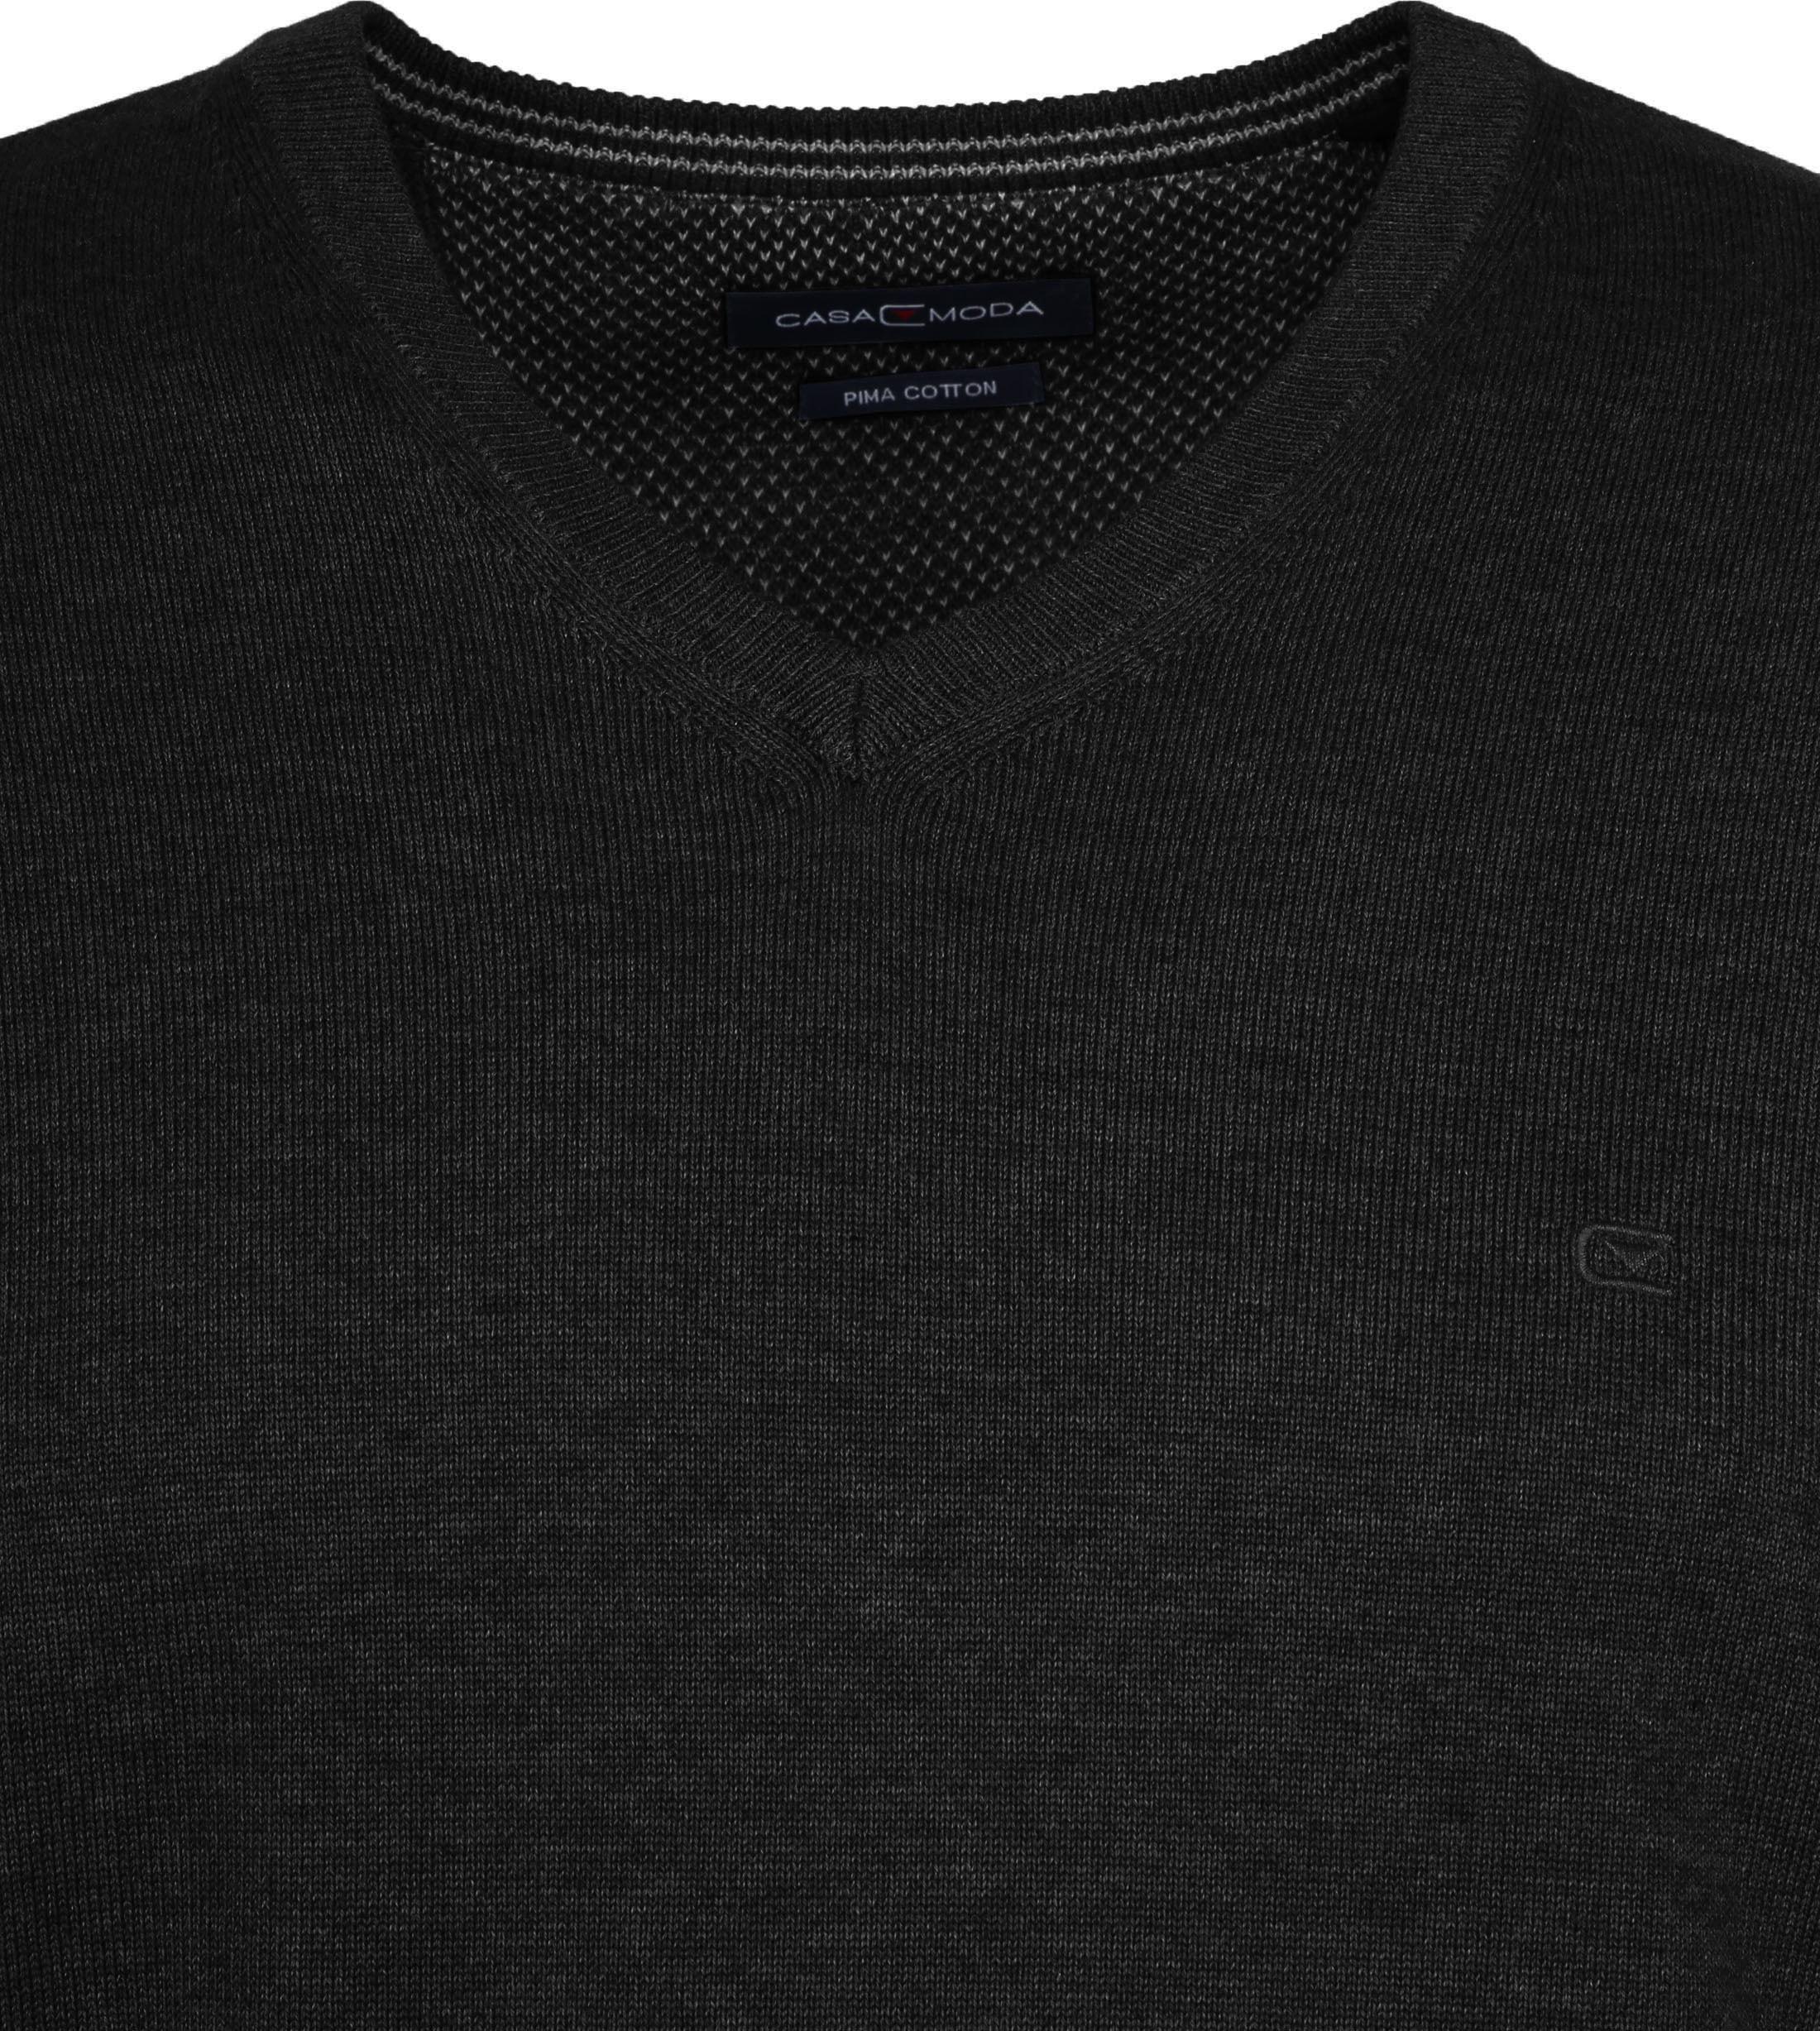 Casa Moda Pullover Zwart foto 1